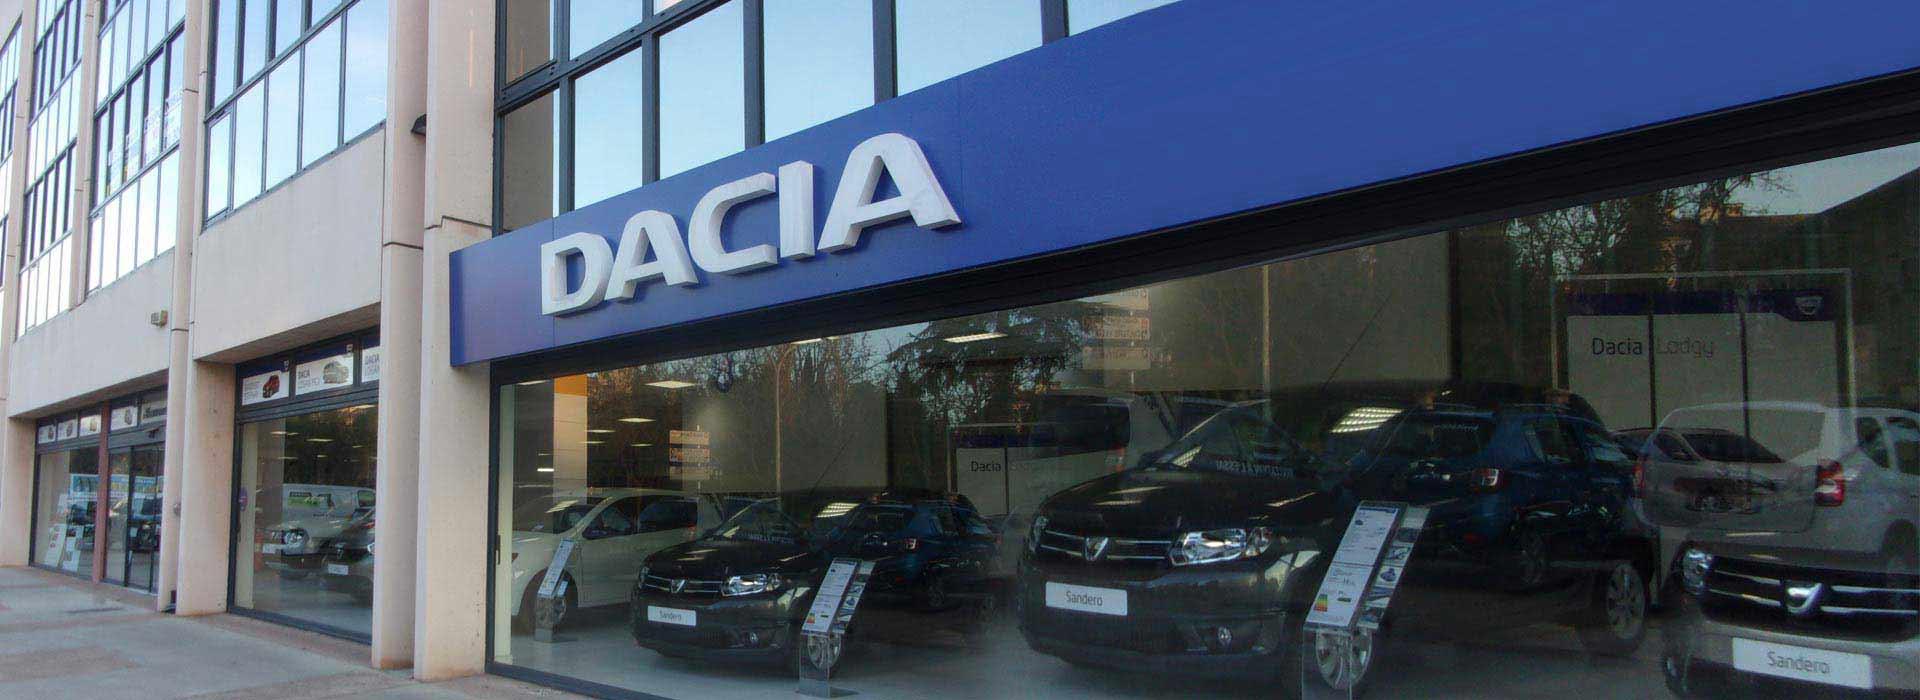 Dacia Aix en Provence